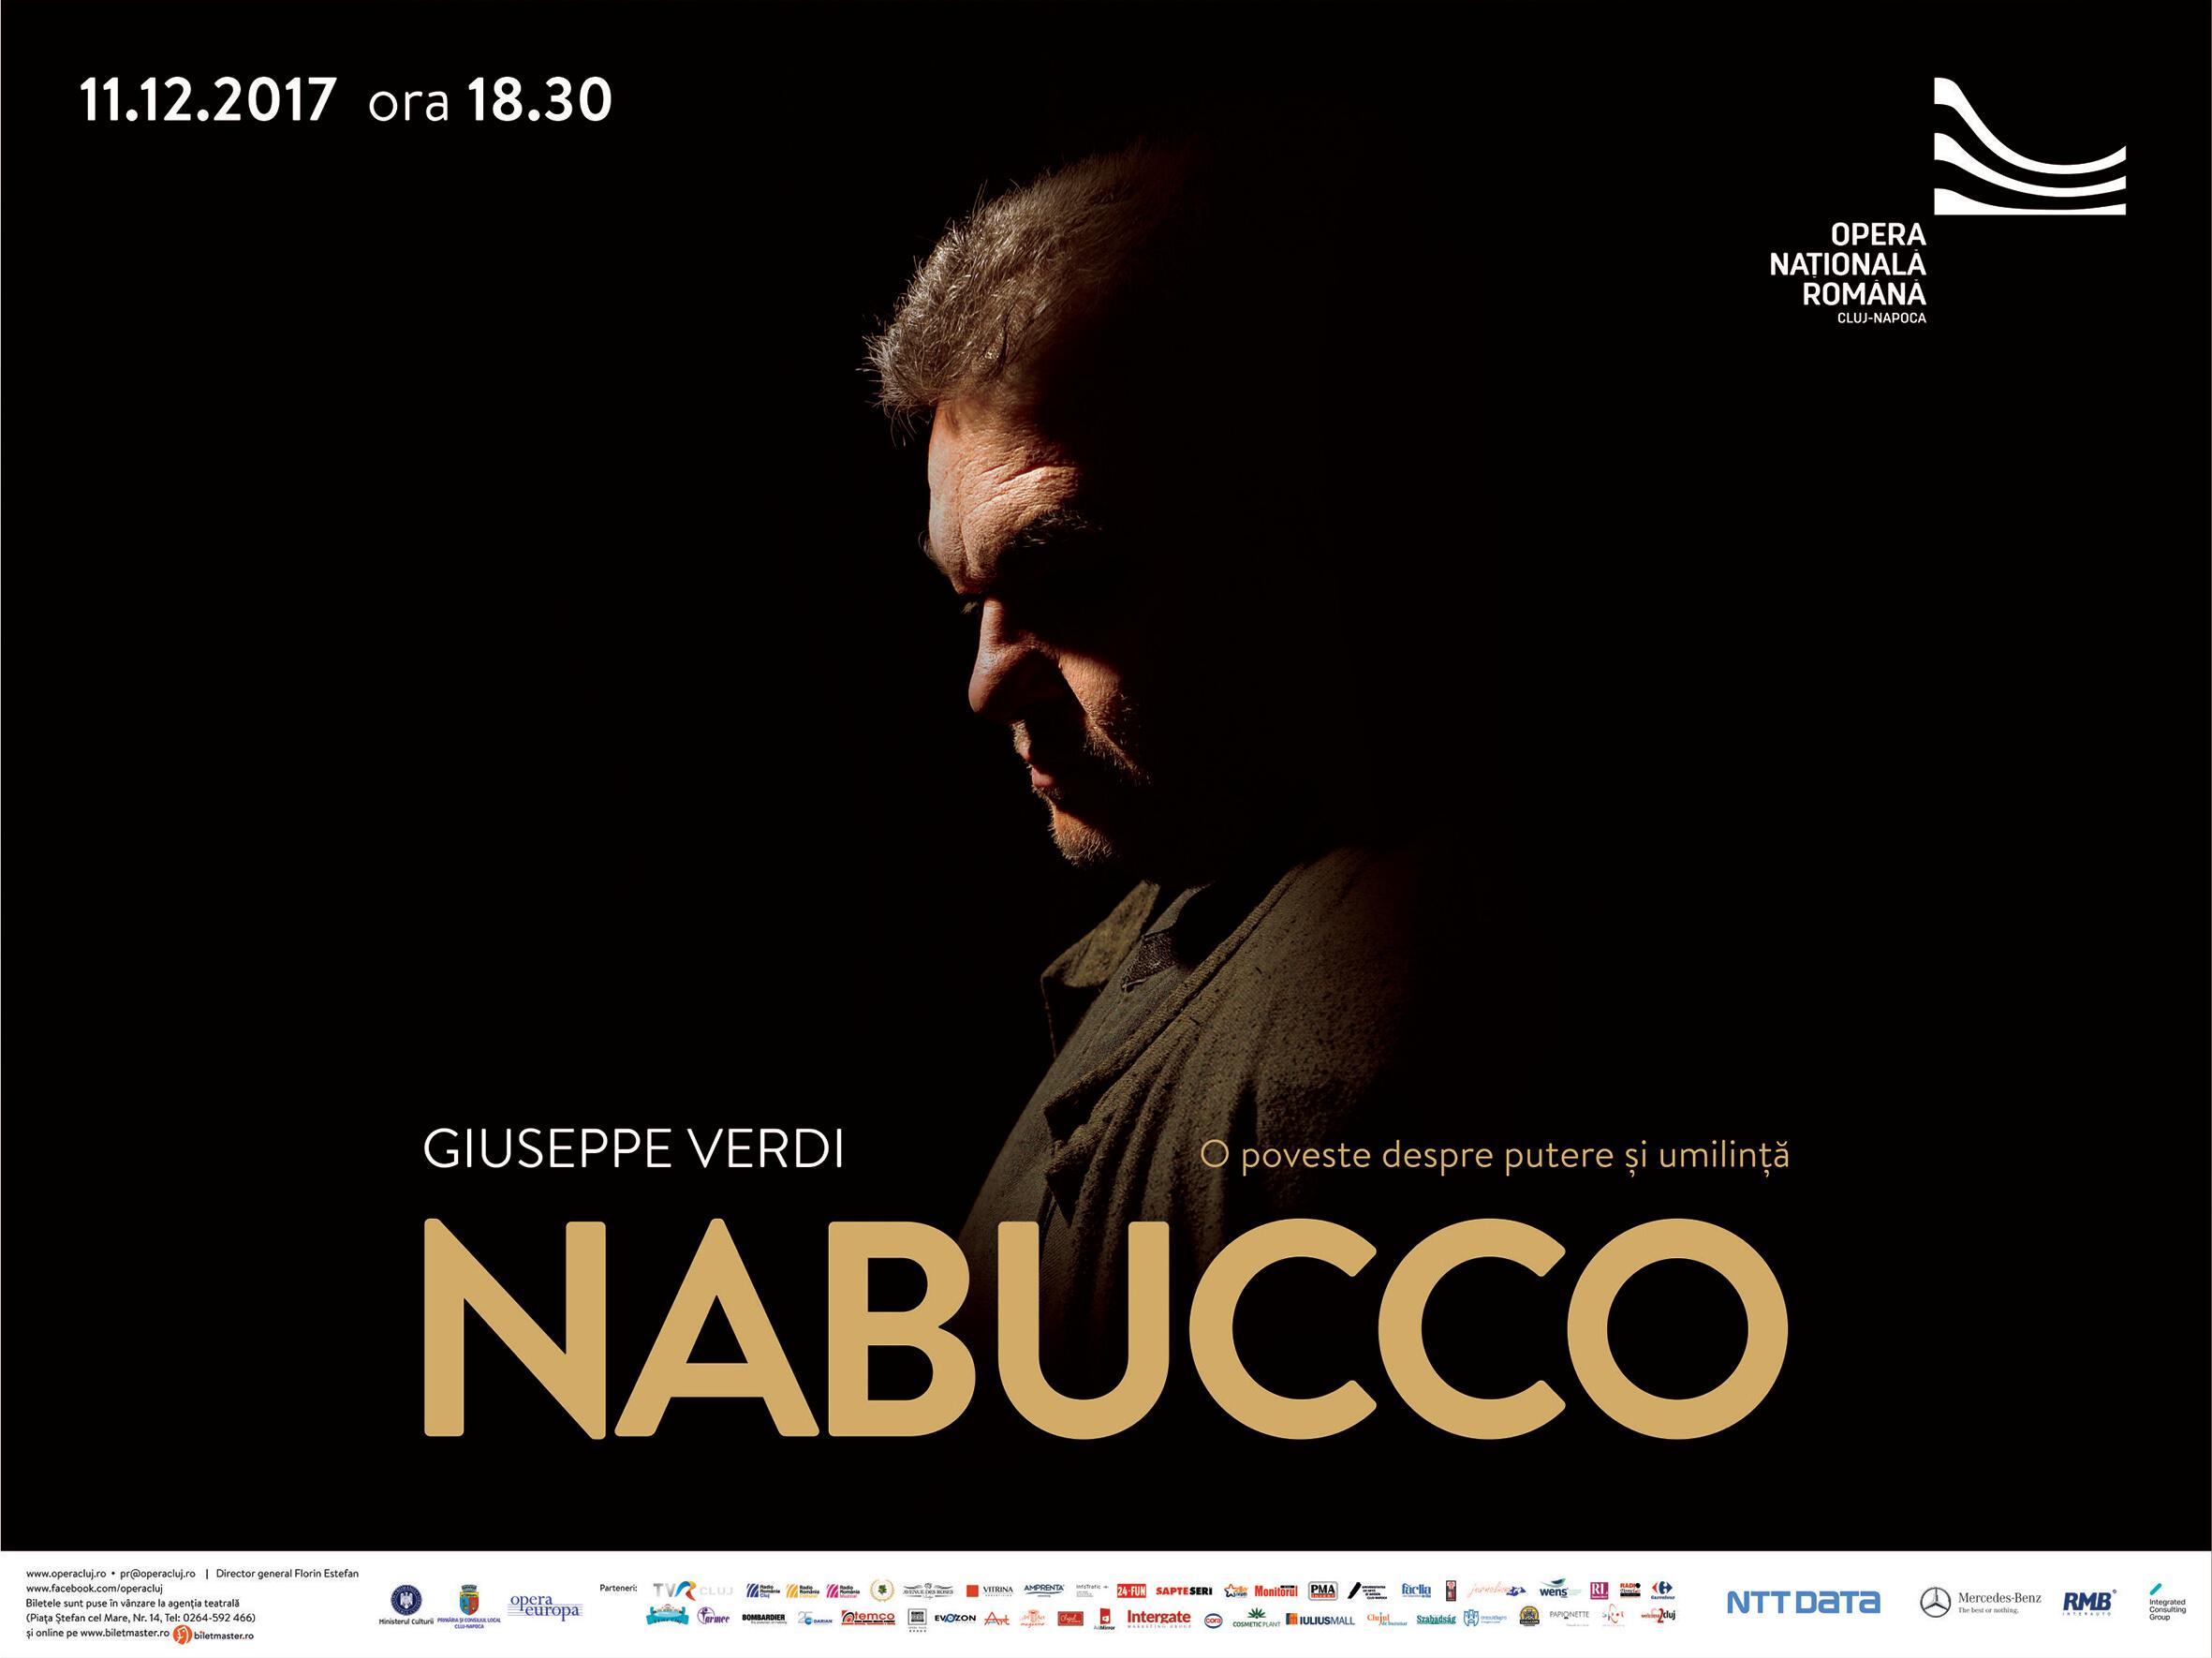 """Luni, 11 Decembrie, o reprezentație excepțională a operei """"NABUCCO"""" ne va reaminti o poveste legendară despre putere și umilință"""